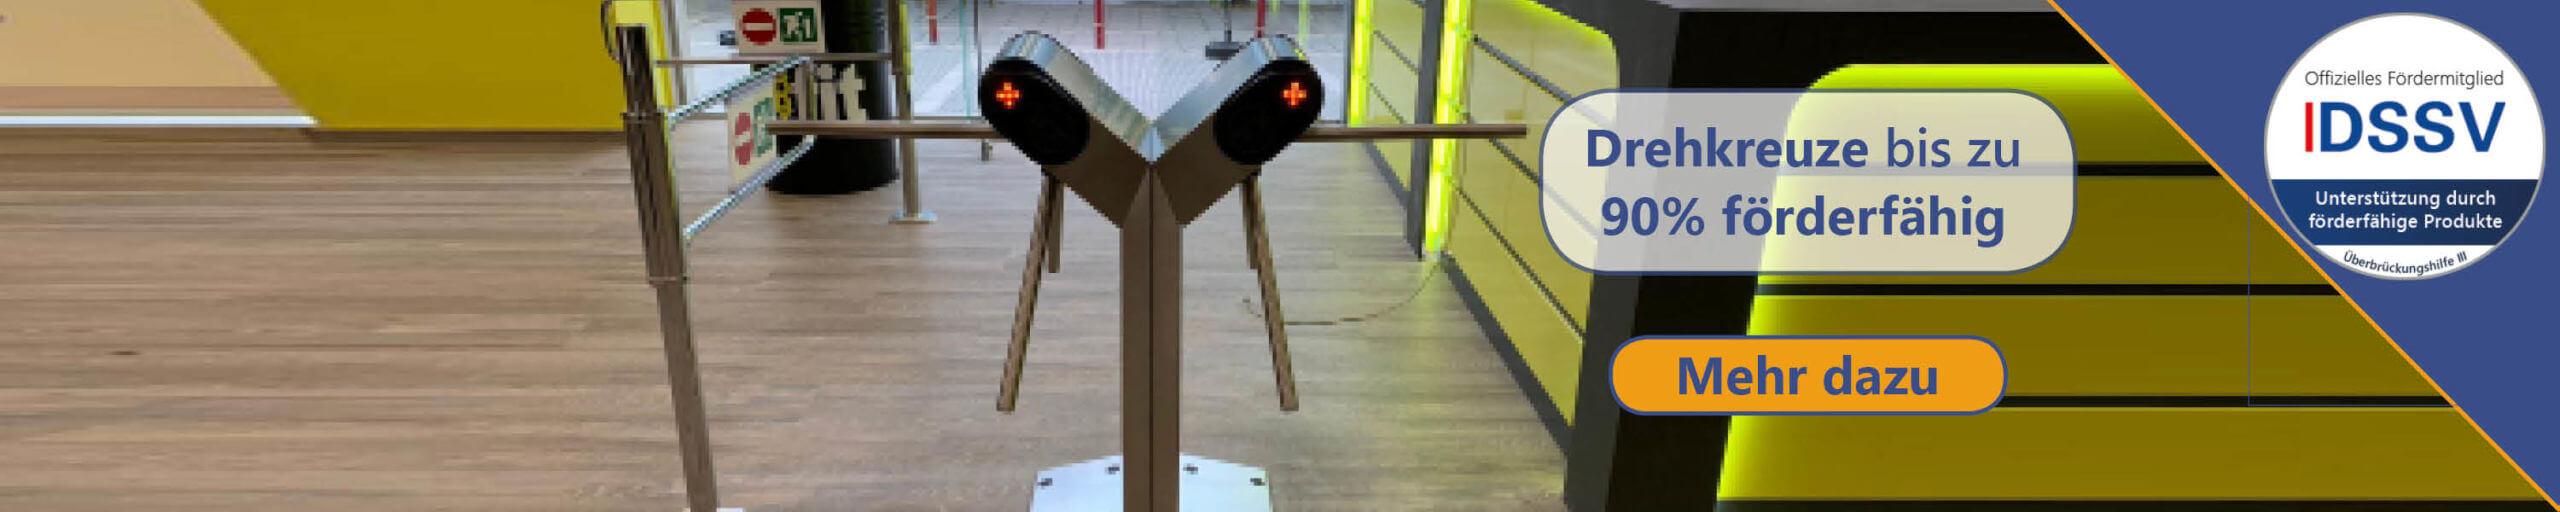 Drehkreuze für Fitnessstudios